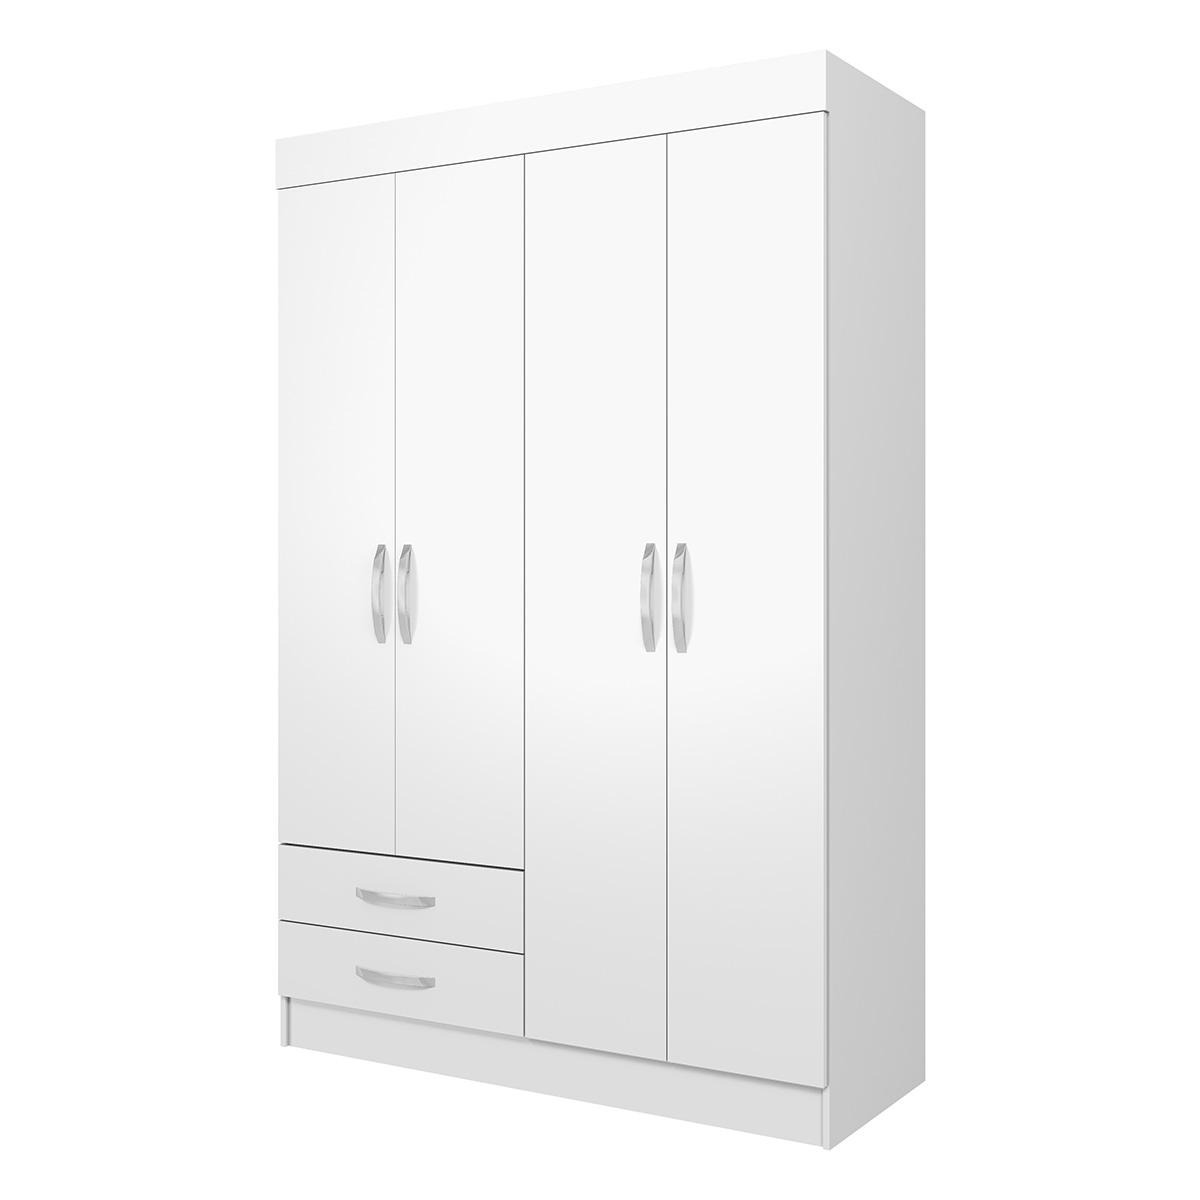 Ropero Closet Armario Mueble Moderno 4 Puertas 2Cajones Casa